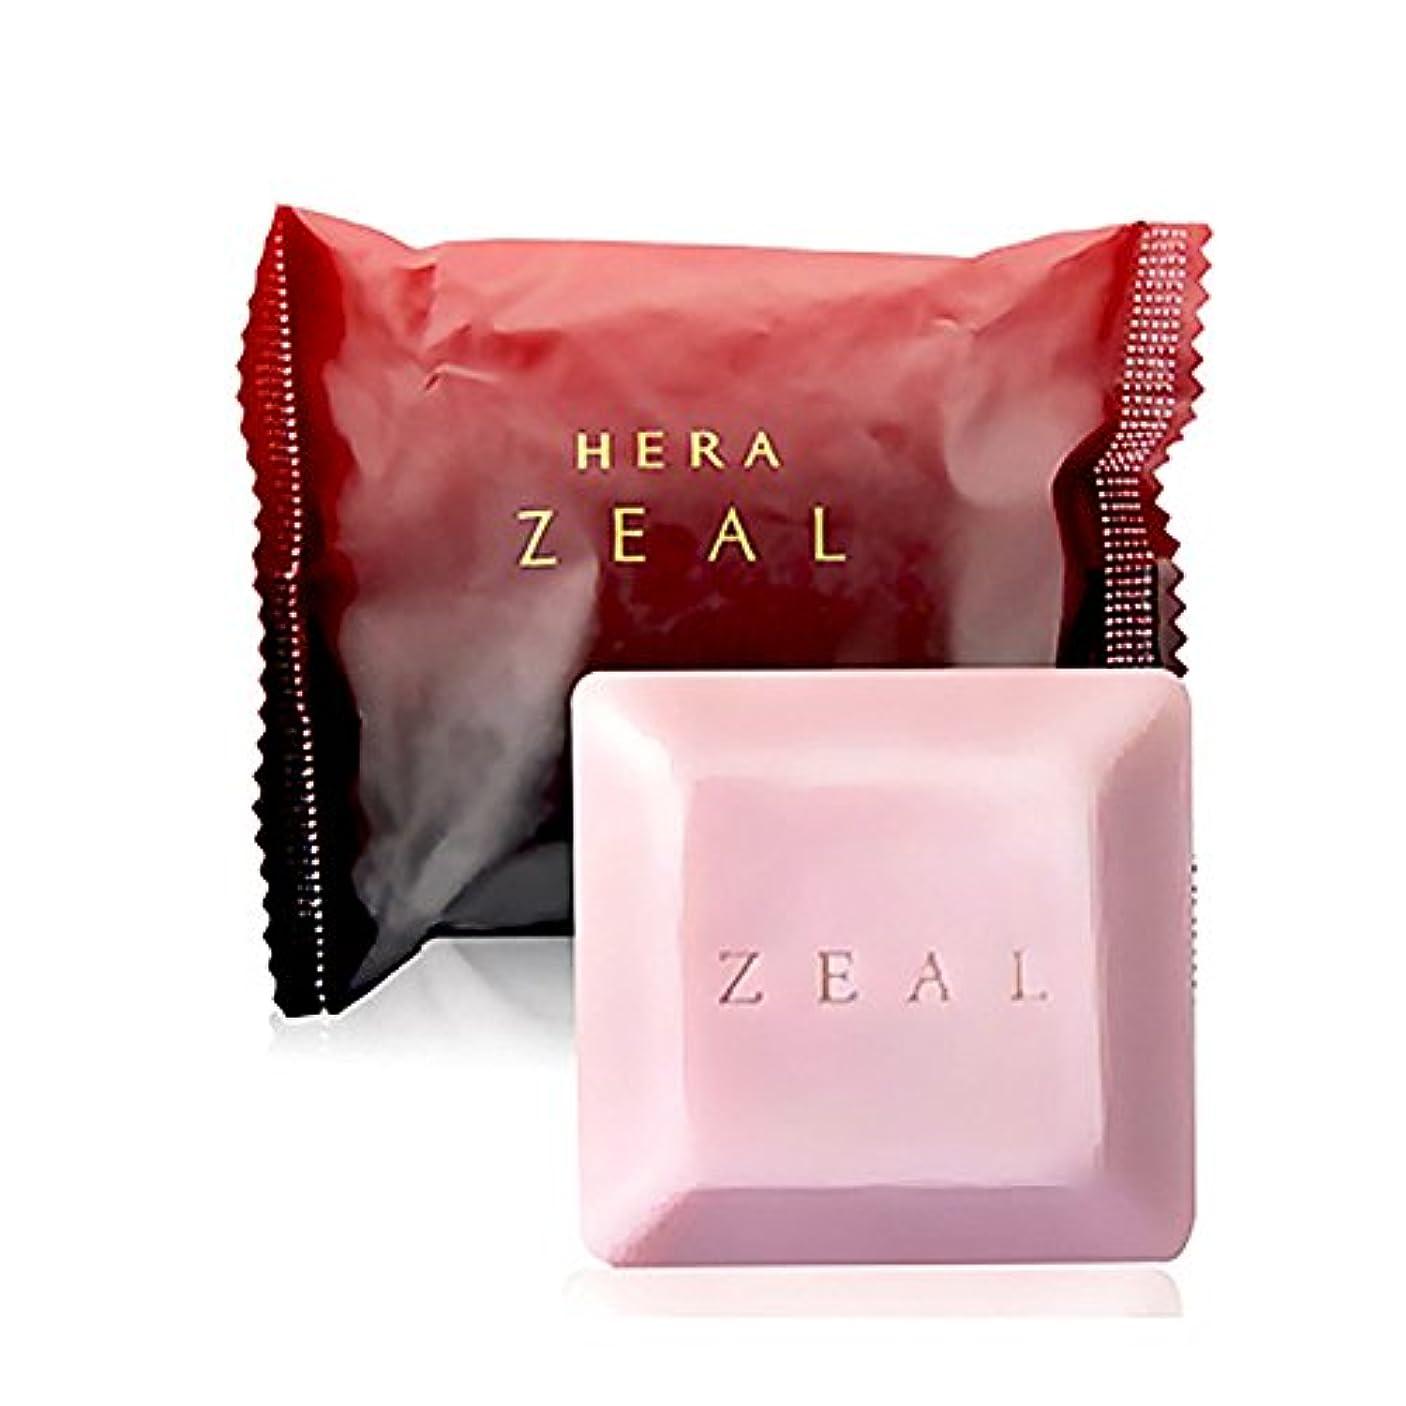 バースト水っぽい問い合わせるHERA ZEAL 美容石鹸 60gソープ/Hera Zeal Organic Perfumed Soap